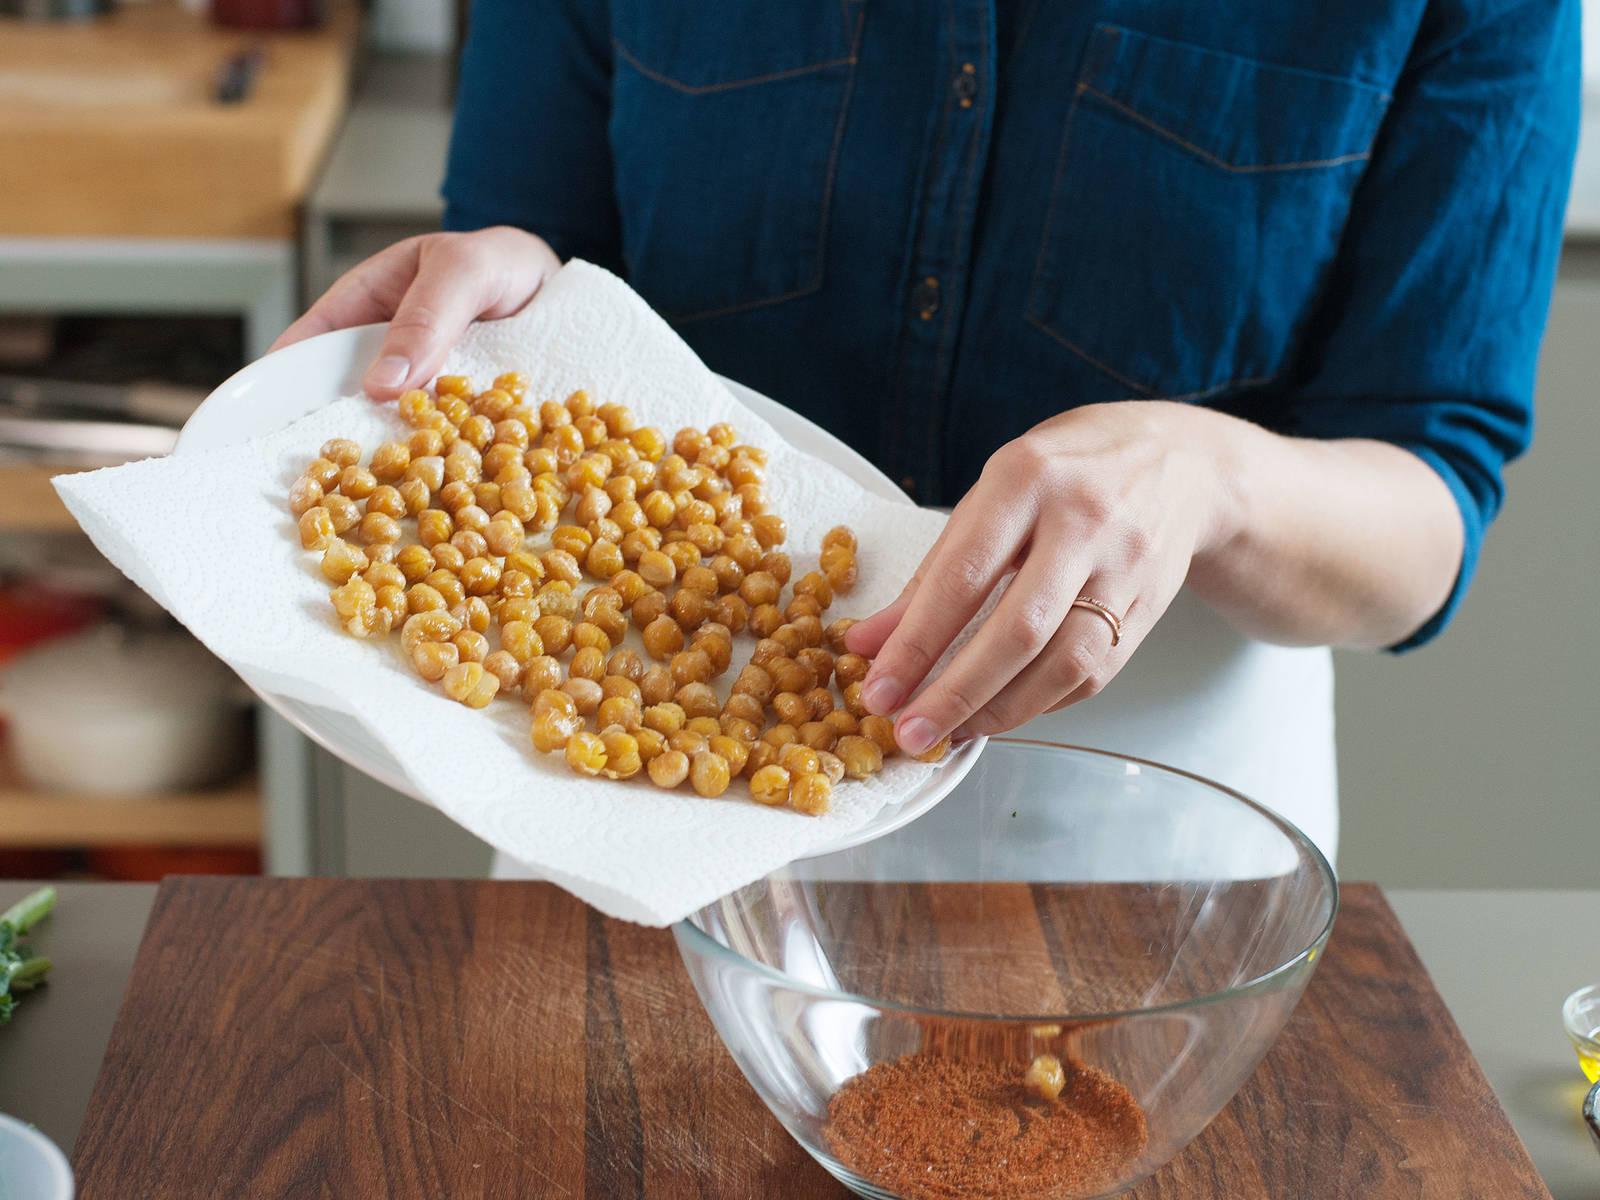 辣椒粉、辣椒面、香菜粉和盐加入搅拌碗中混合。加入炒好的鹰嘴豆,拌匀。加盐和胡椒调味。放置一旁待用。